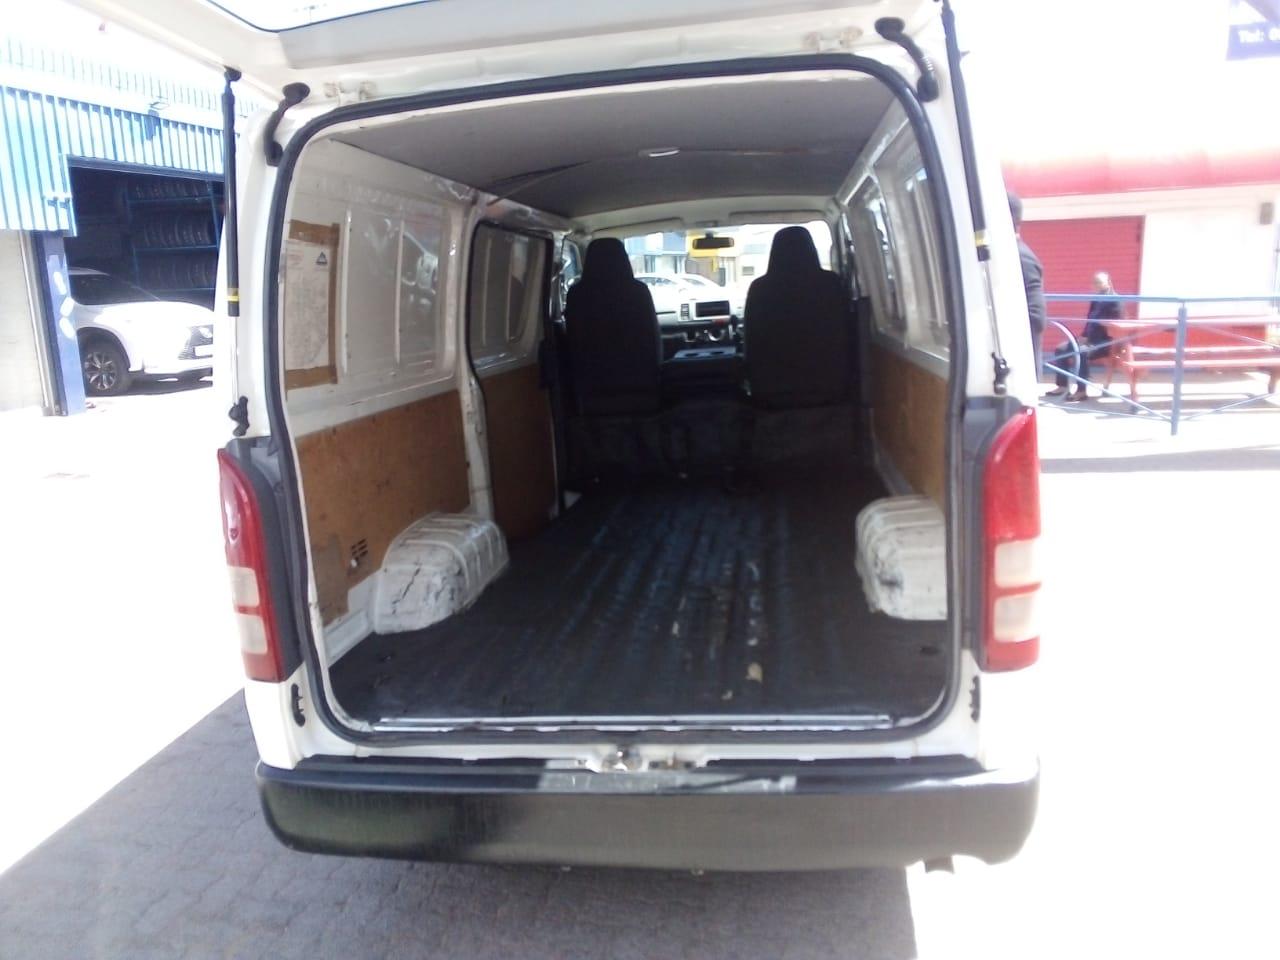 2012 Toyota Quantum SLWB panel van QUANTUM 2.8 SLWB F/C P/V